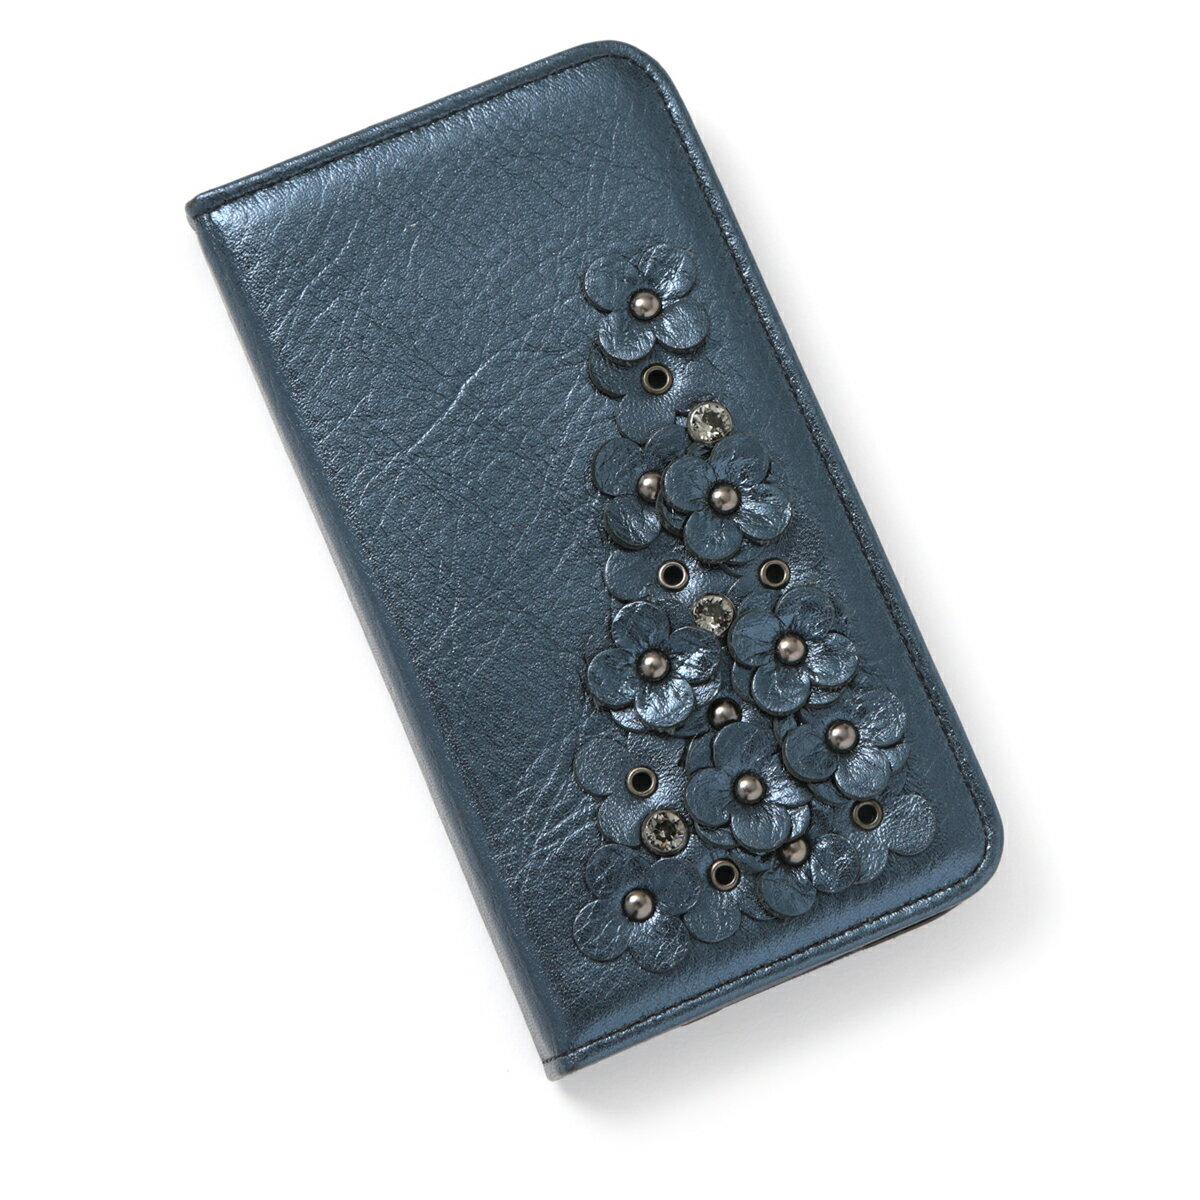 【アンテプリマ公式】アンテプリマ/マッツェット小物/iPhone7 ケース/ネイビー/ANTEPRIMA/EANP10612/IPHONE7 CASE